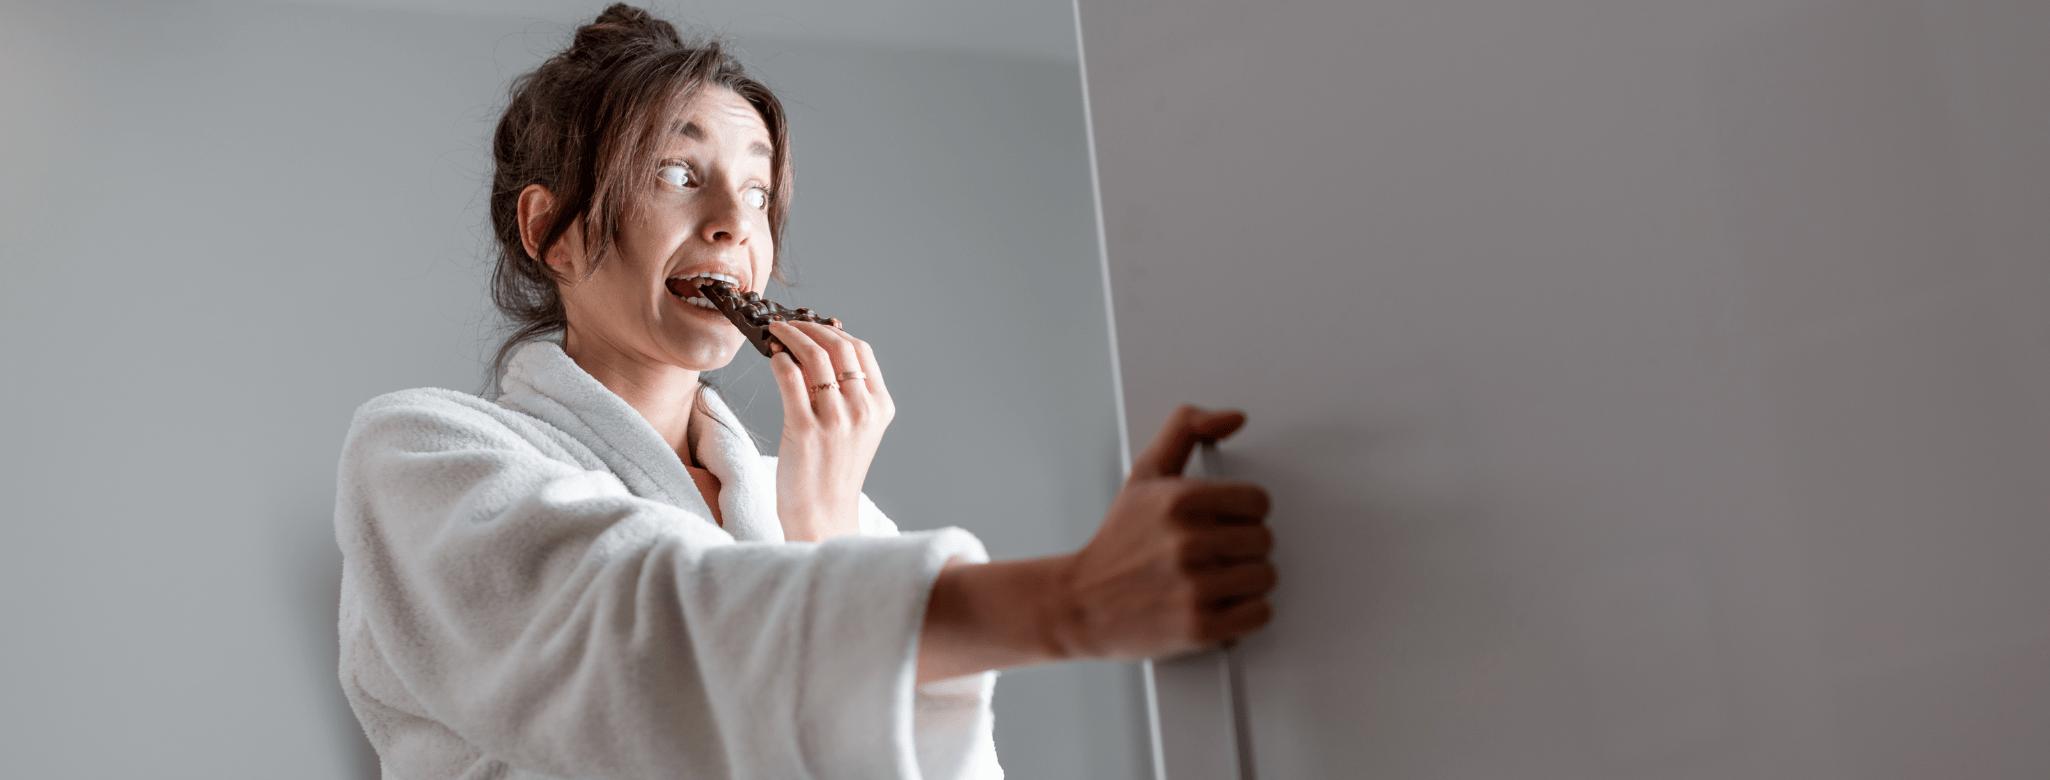 Czym jest samoregulacja i w jaki sposób wpływa na zmianę nawyków żywieniowych?